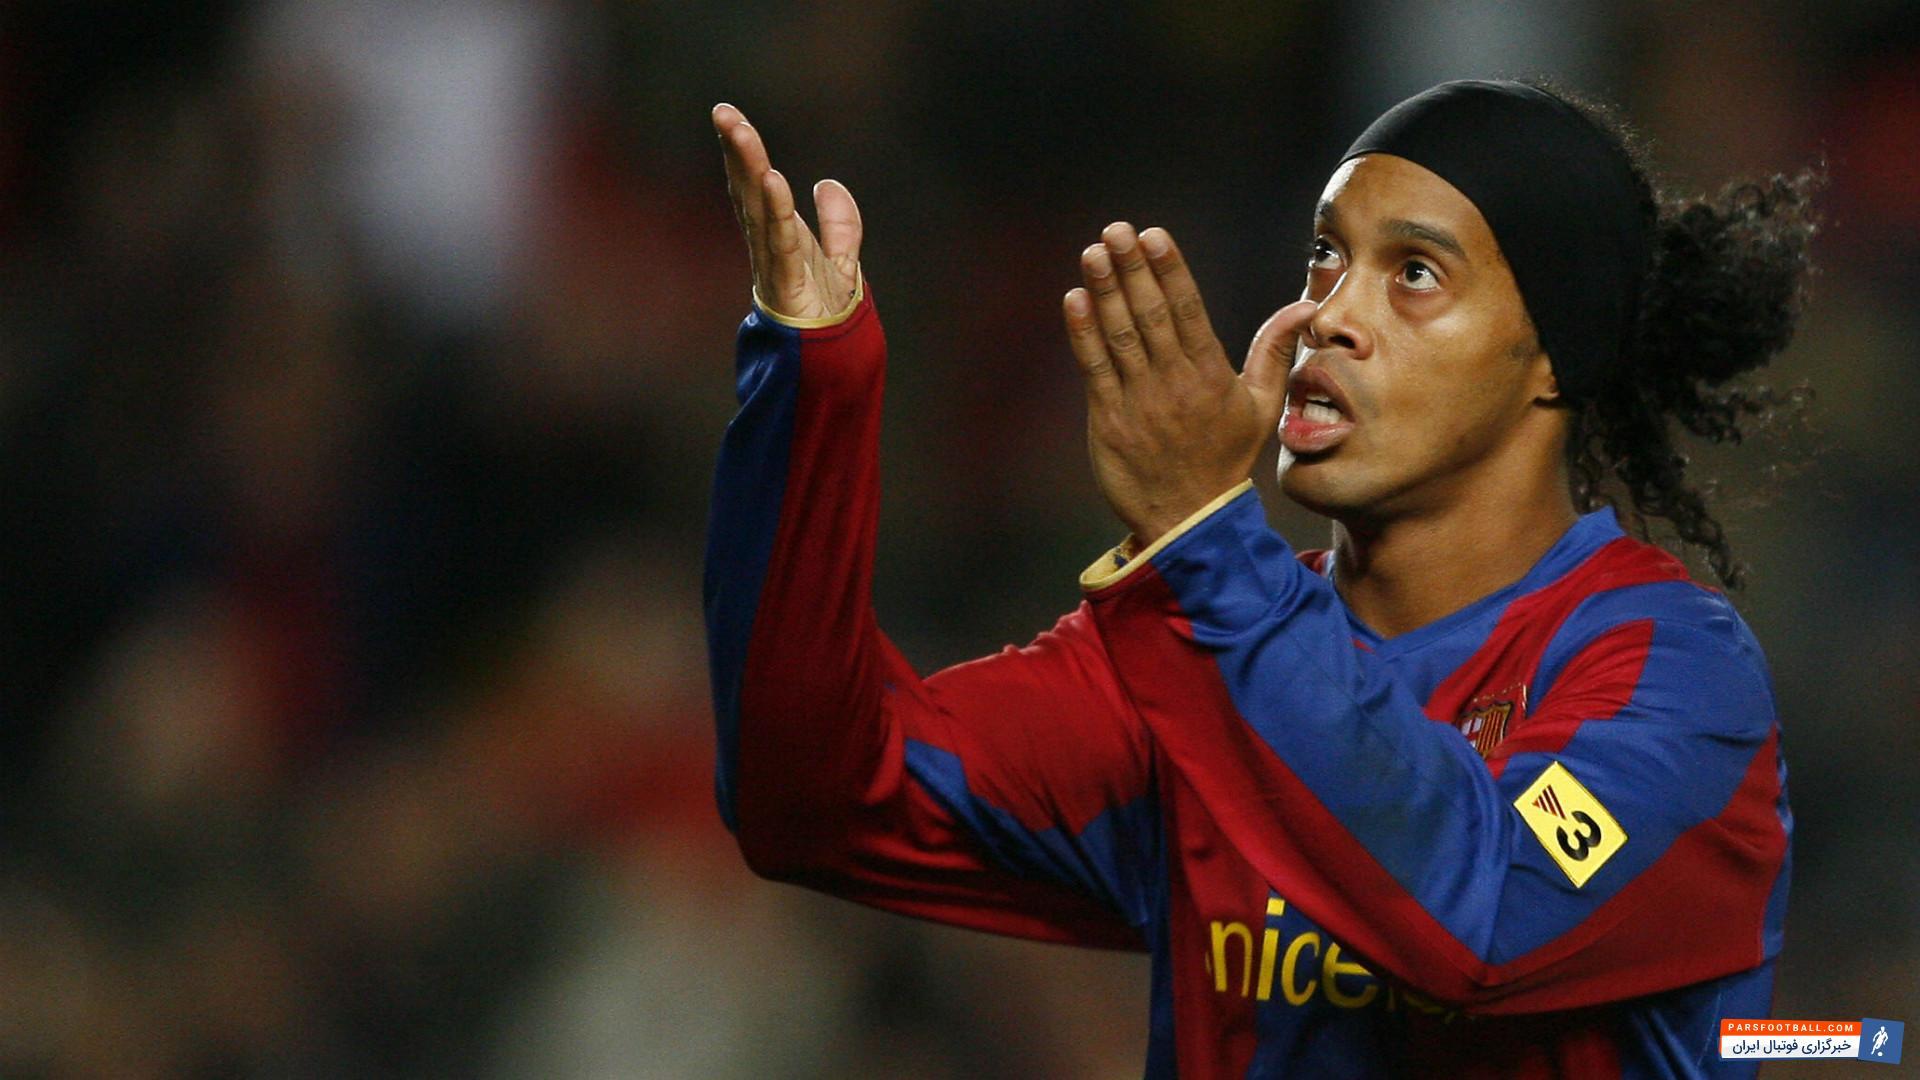 رونالدینیو: امیدوارم نیمار به بارسلونا بازگردد ؛واکنش رونالدینیو به بازگشت نیمار به بارسلونا